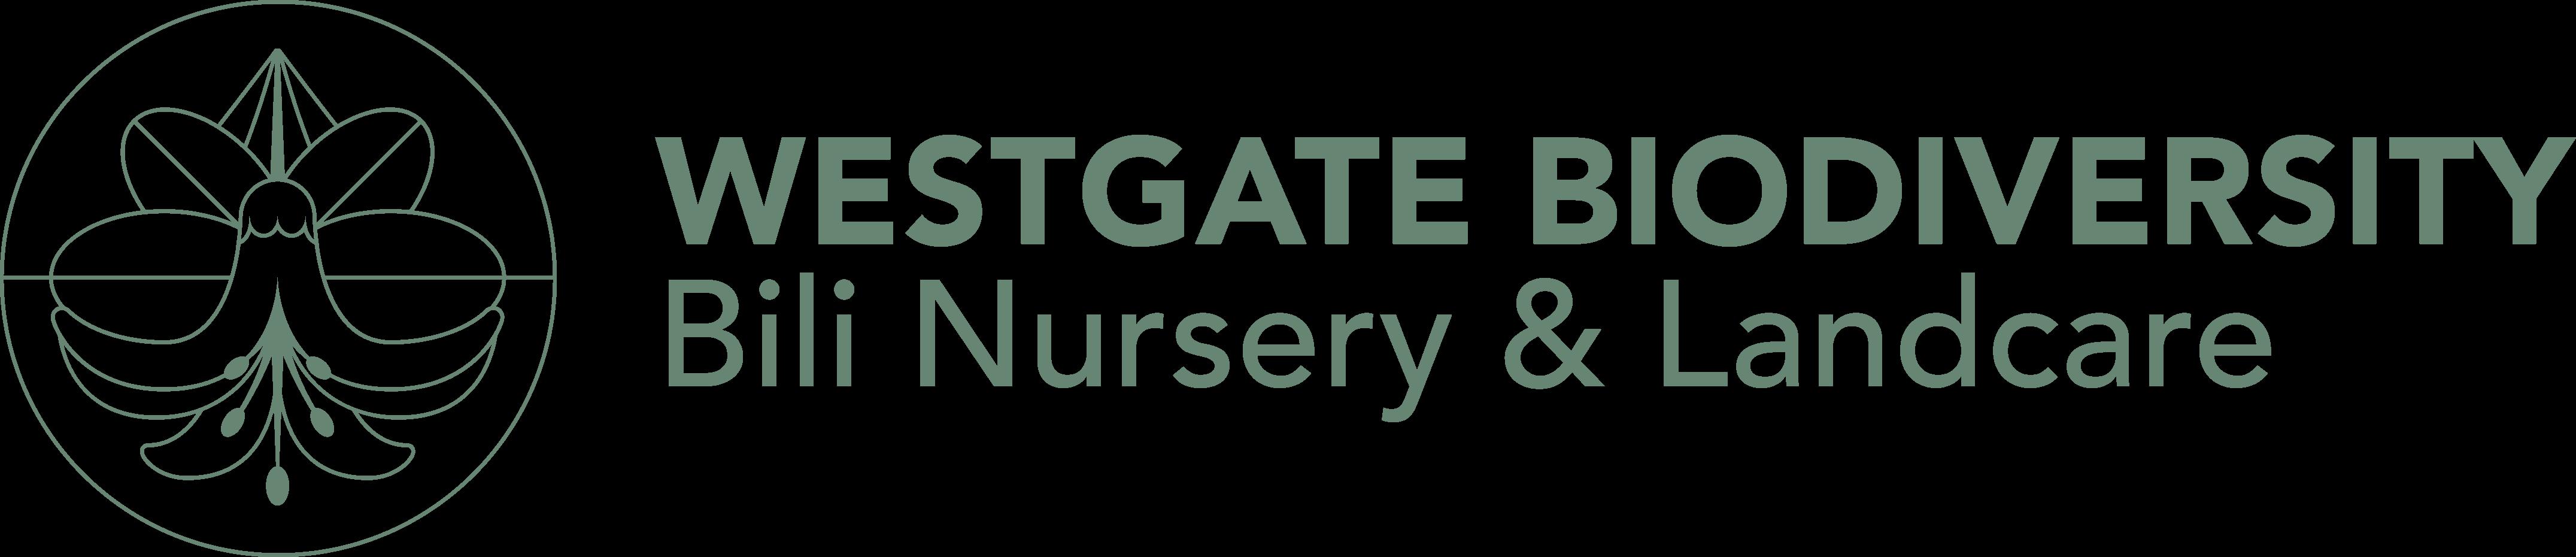 Westgate Biodiversity Shop